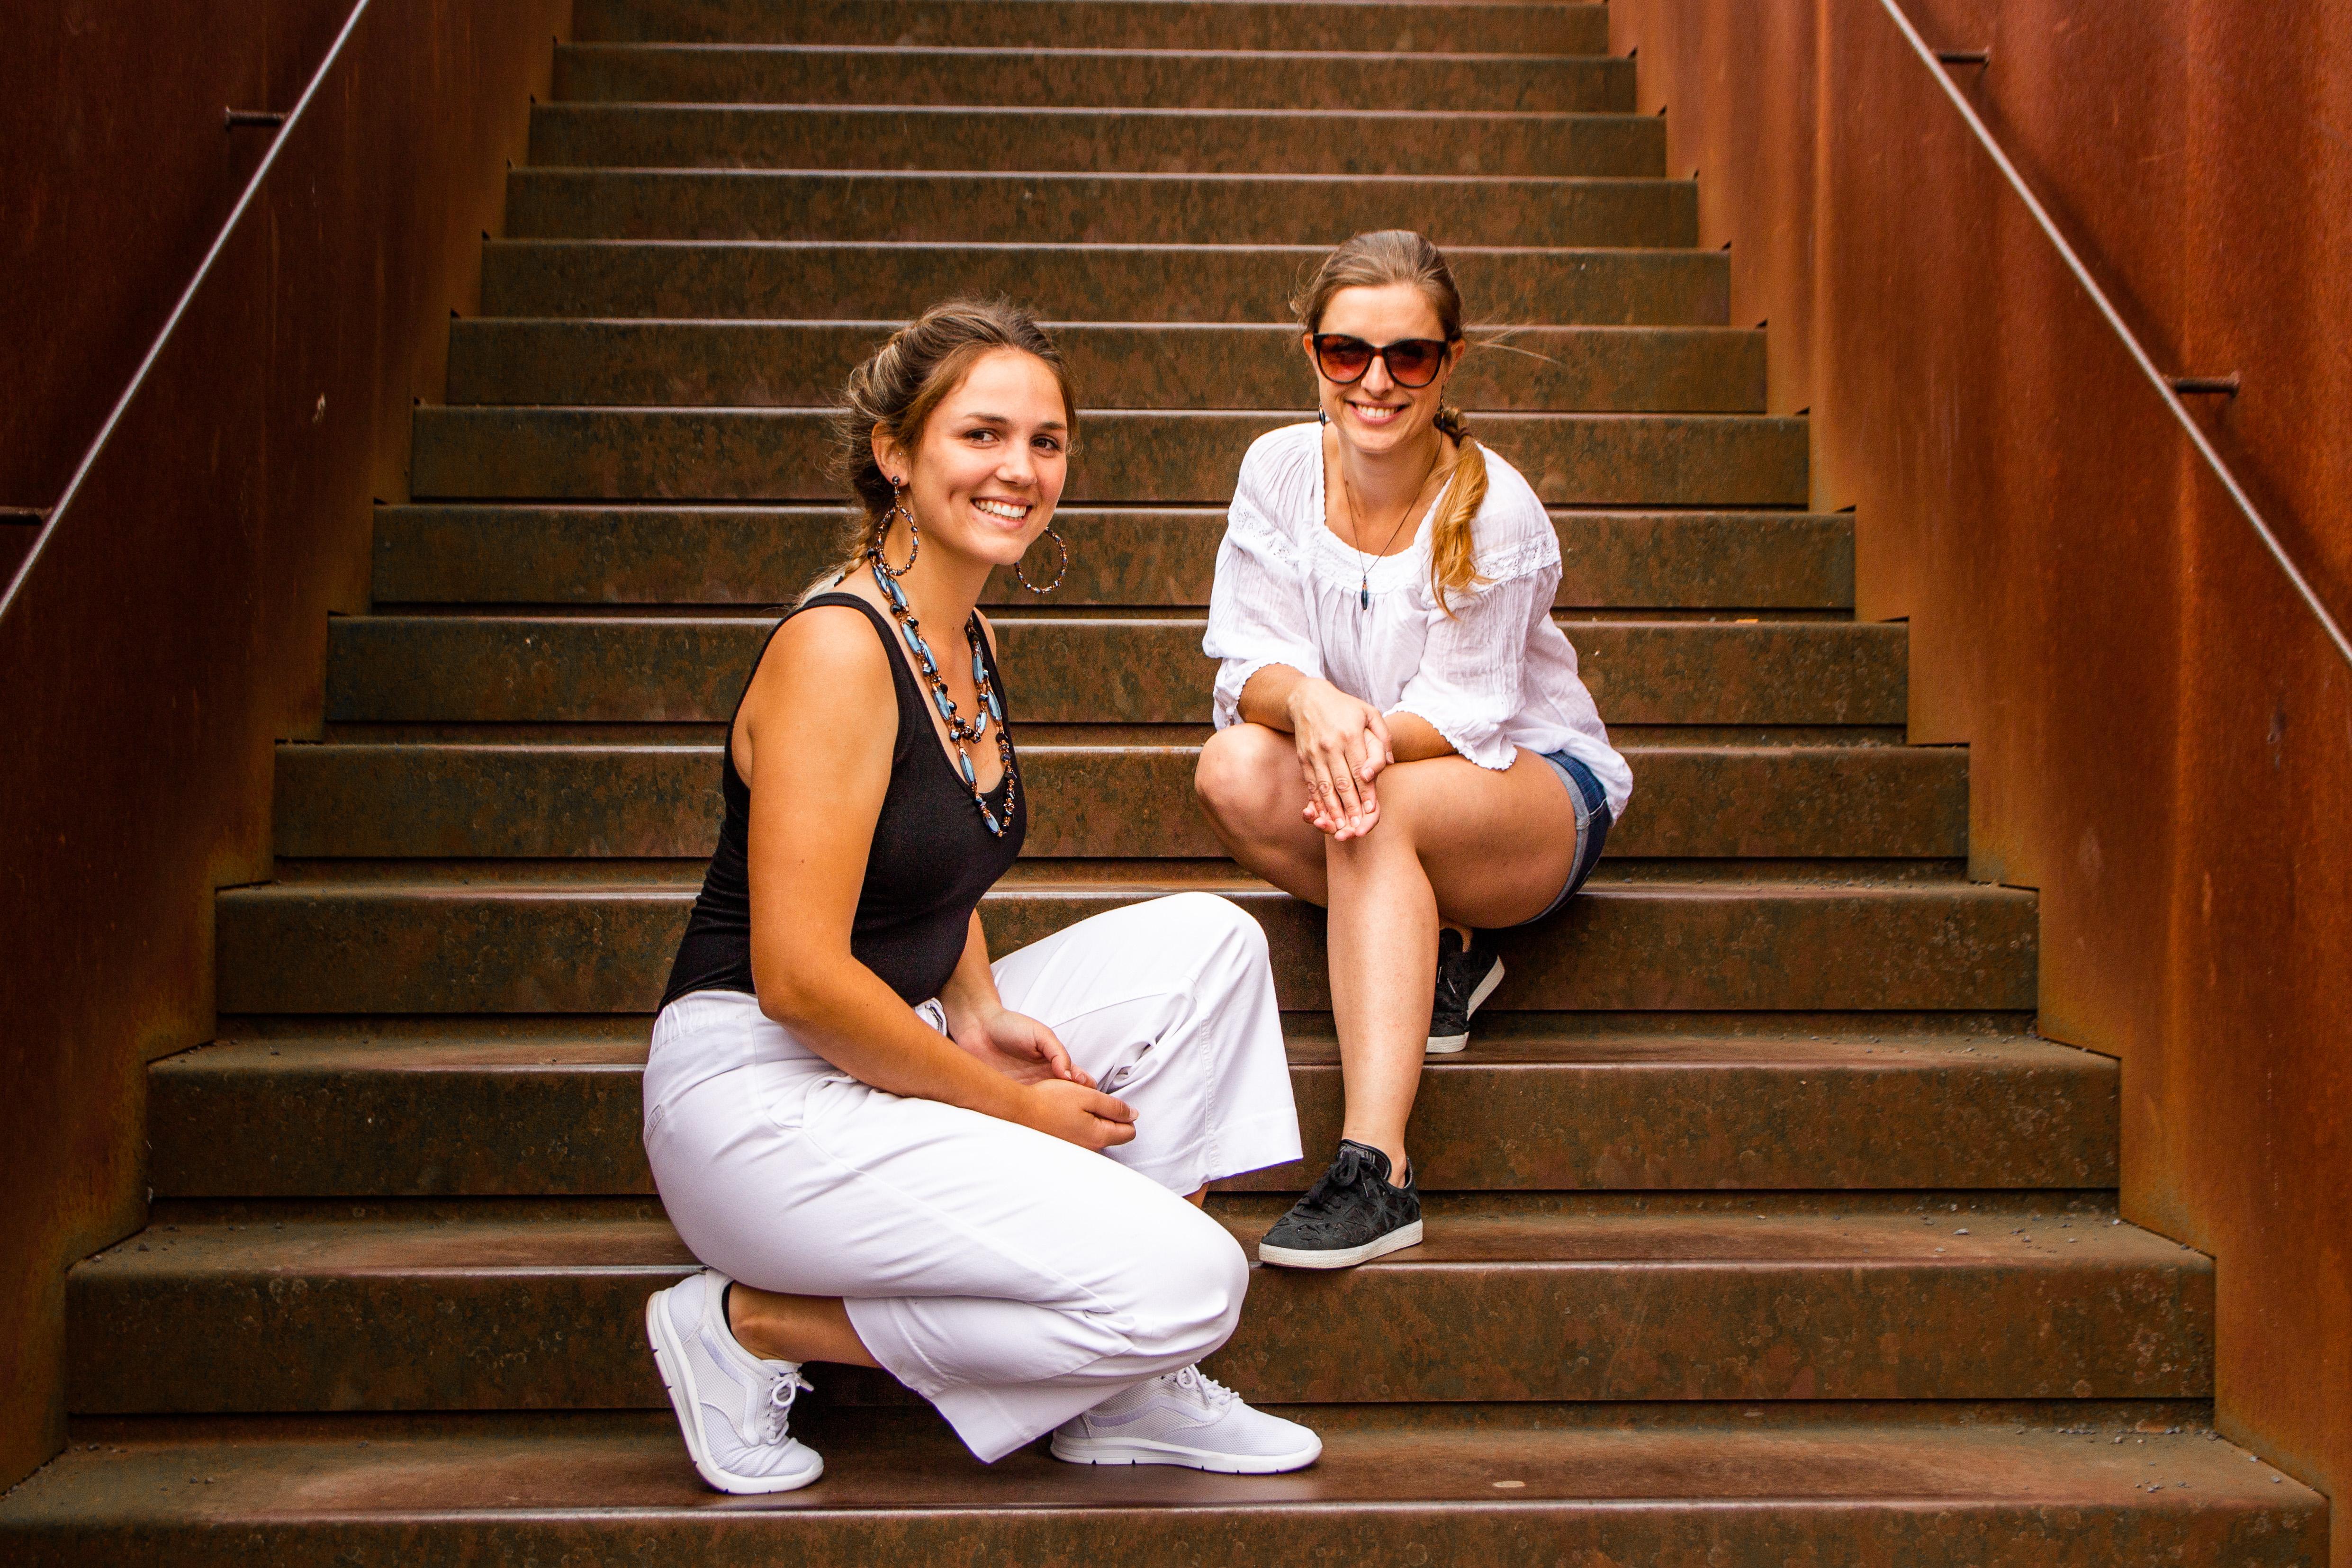 Junge Frauen sitzen mit Ihren Glitzerstücken von Konplott auf einer Treppe